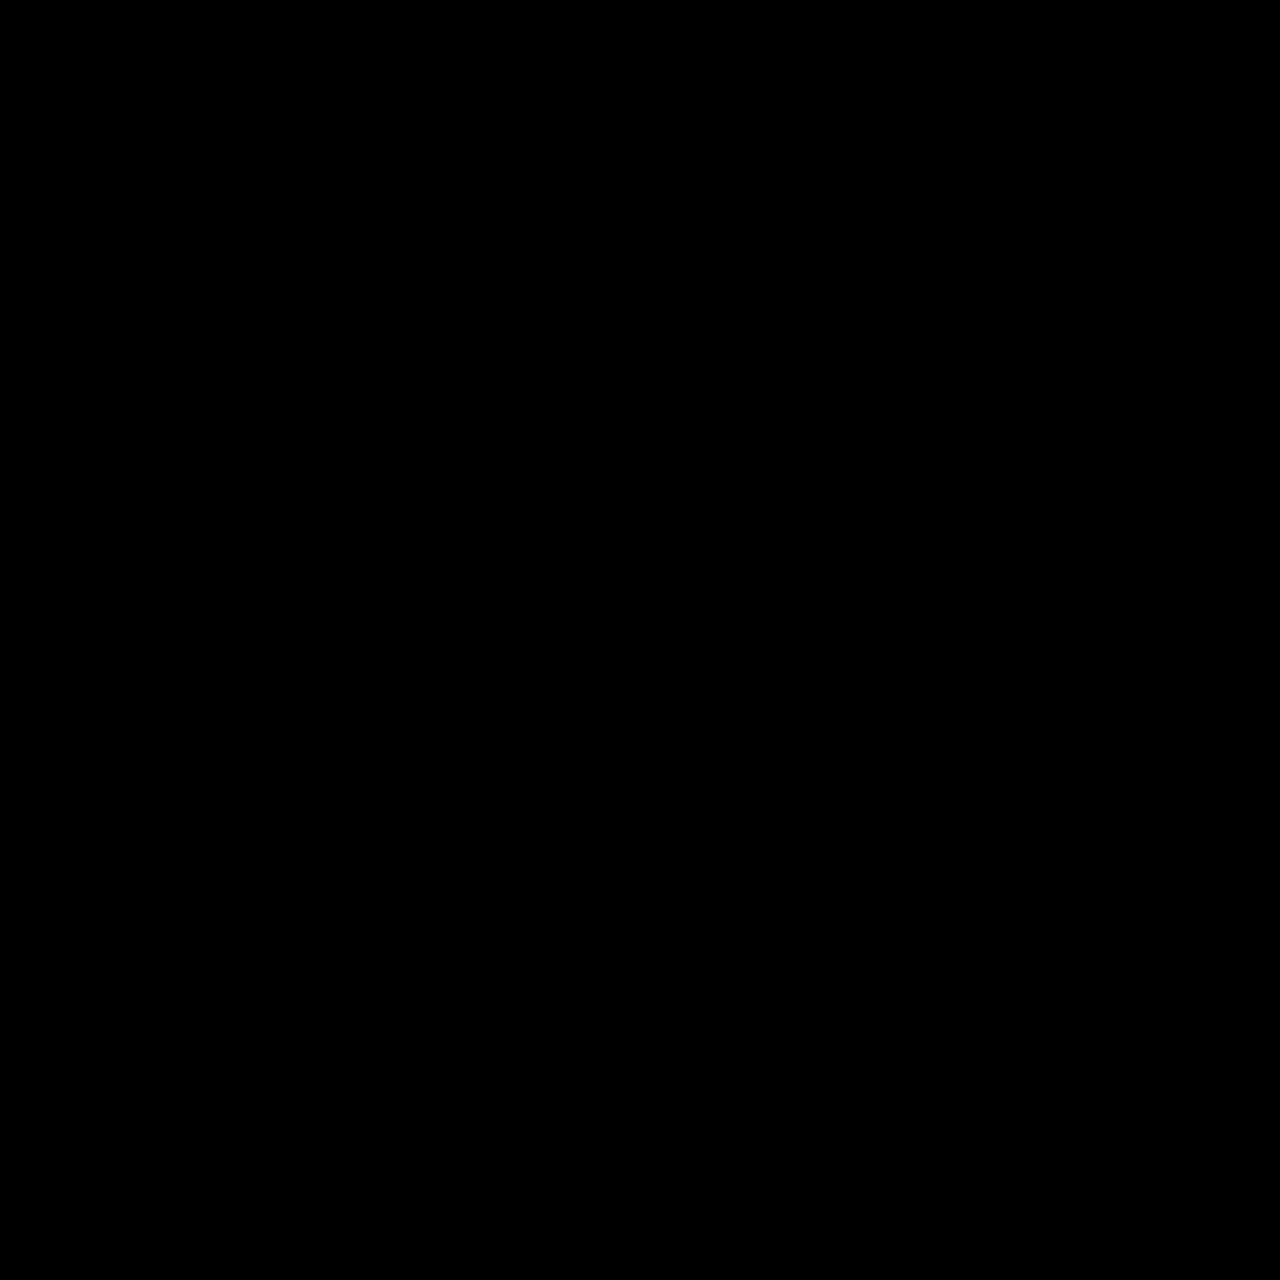 3CAMTRAILERSET